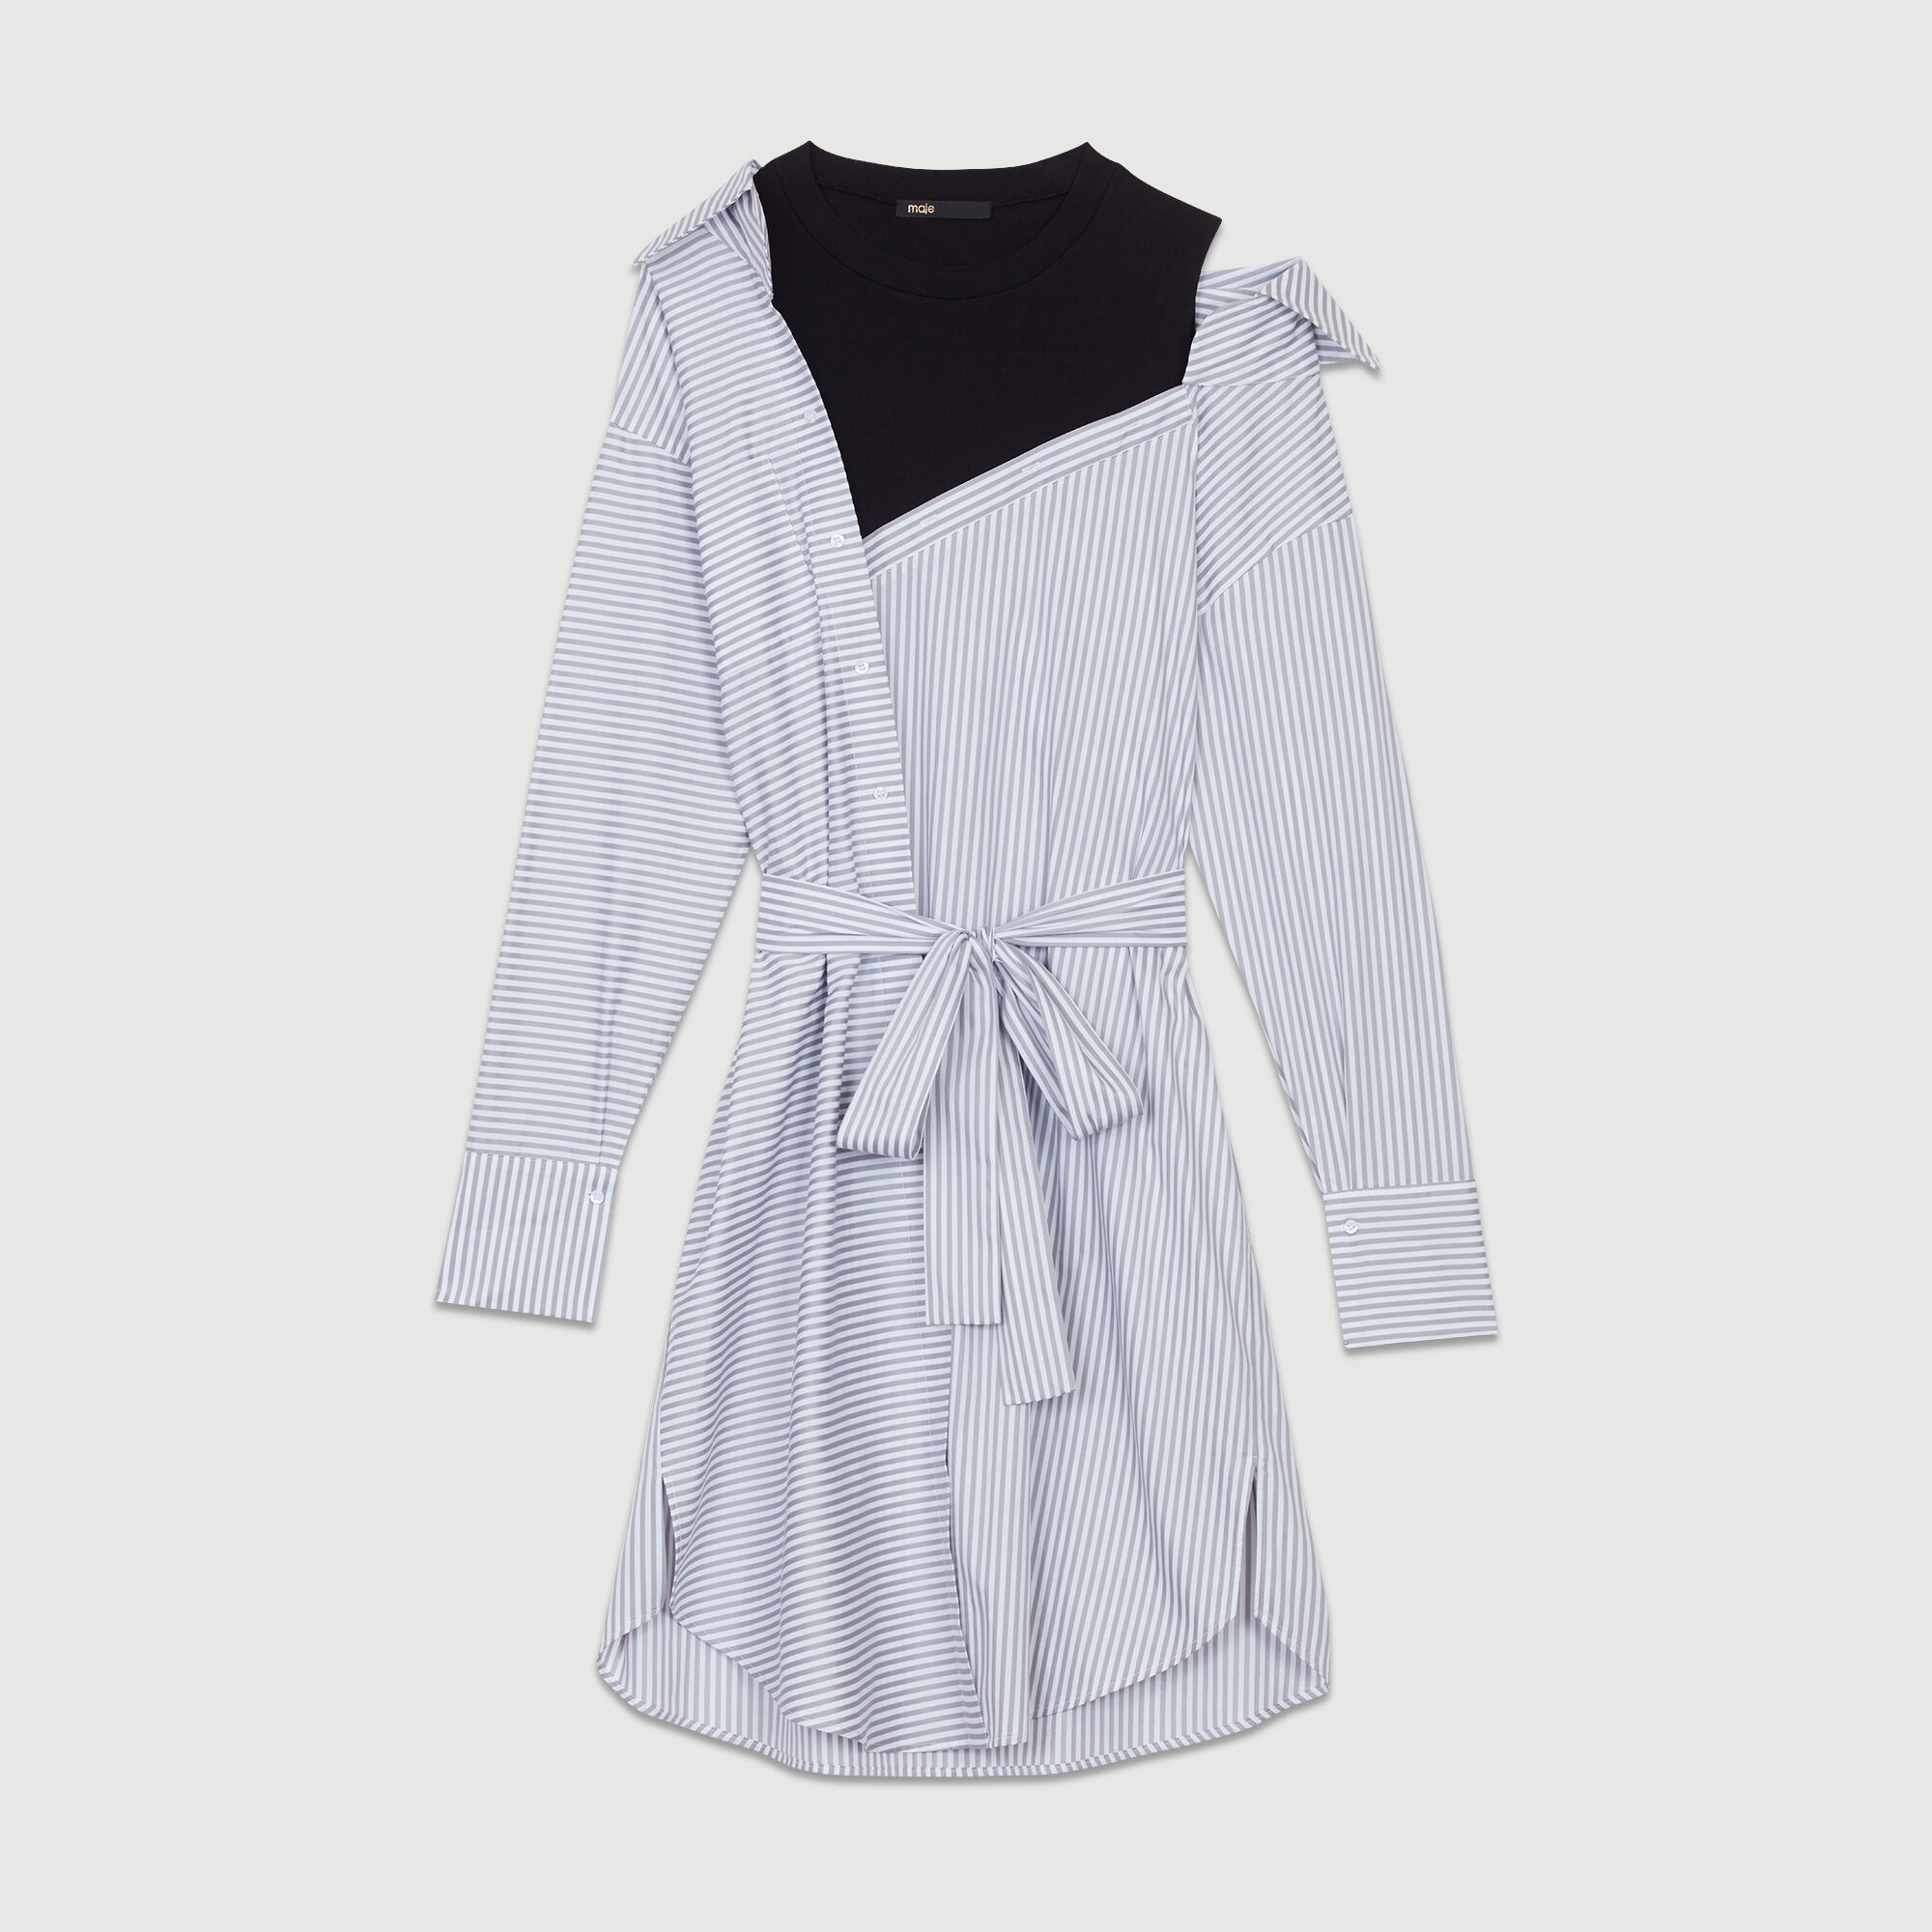 Riava Robes Chemise Paris Robe À Rayures Déstructurée Maje rwXgrx58q